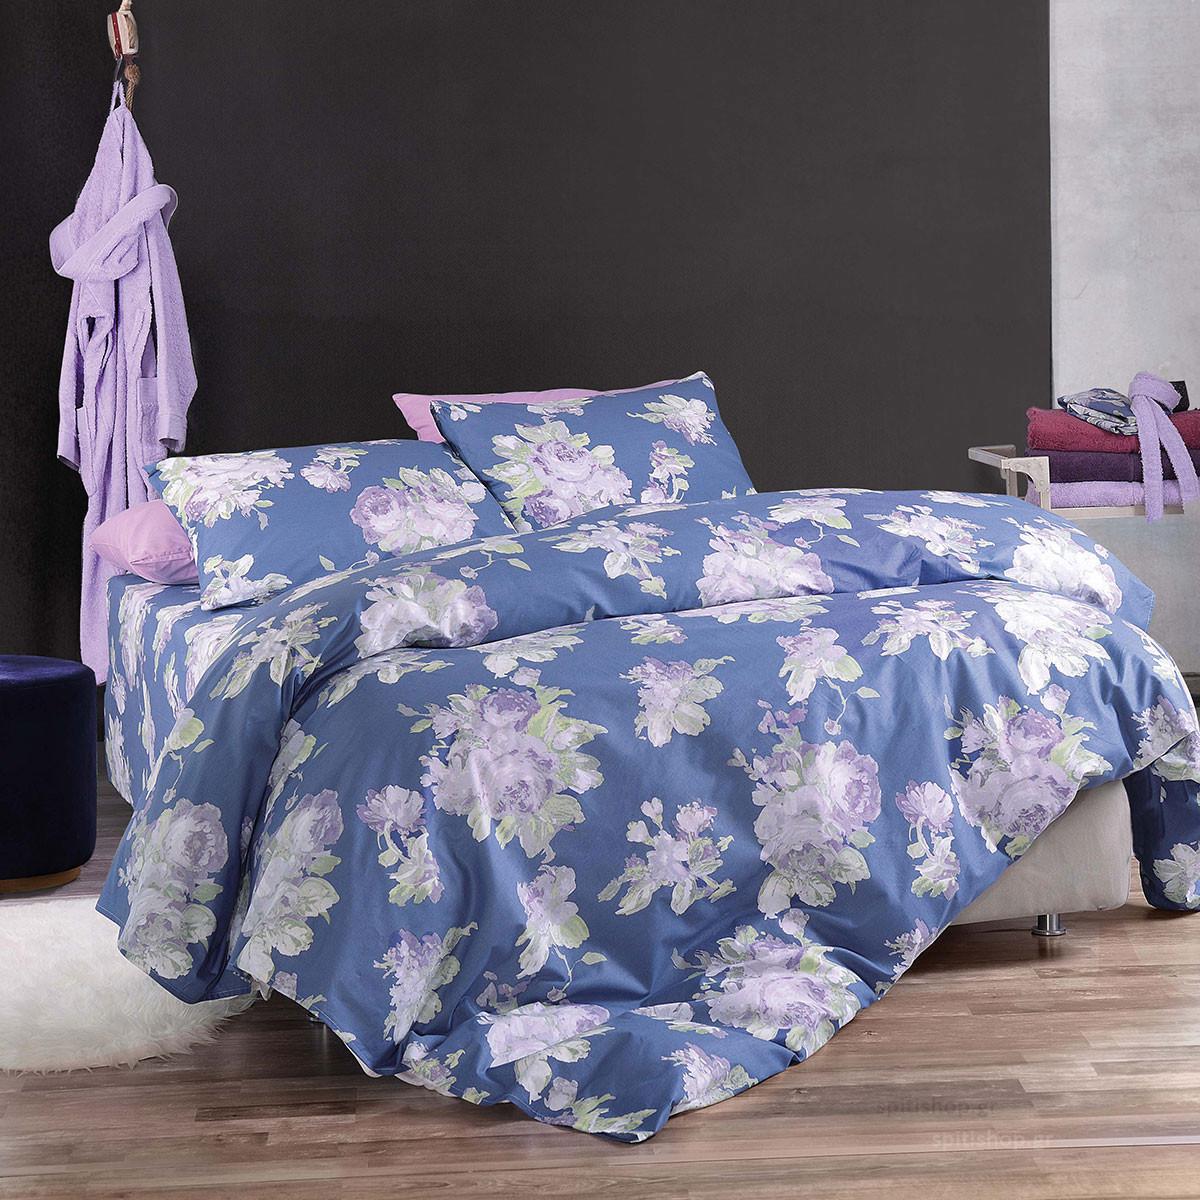 Σεντόνια Μονά (Σετ) Rythmos Diva Aeriella Blue ΧΩΡΙΣ ΛΑΣΤΙΧΟ 160×260 ΧΩΡΙΣ ΛΑΣΤΙΧΟ 160×260